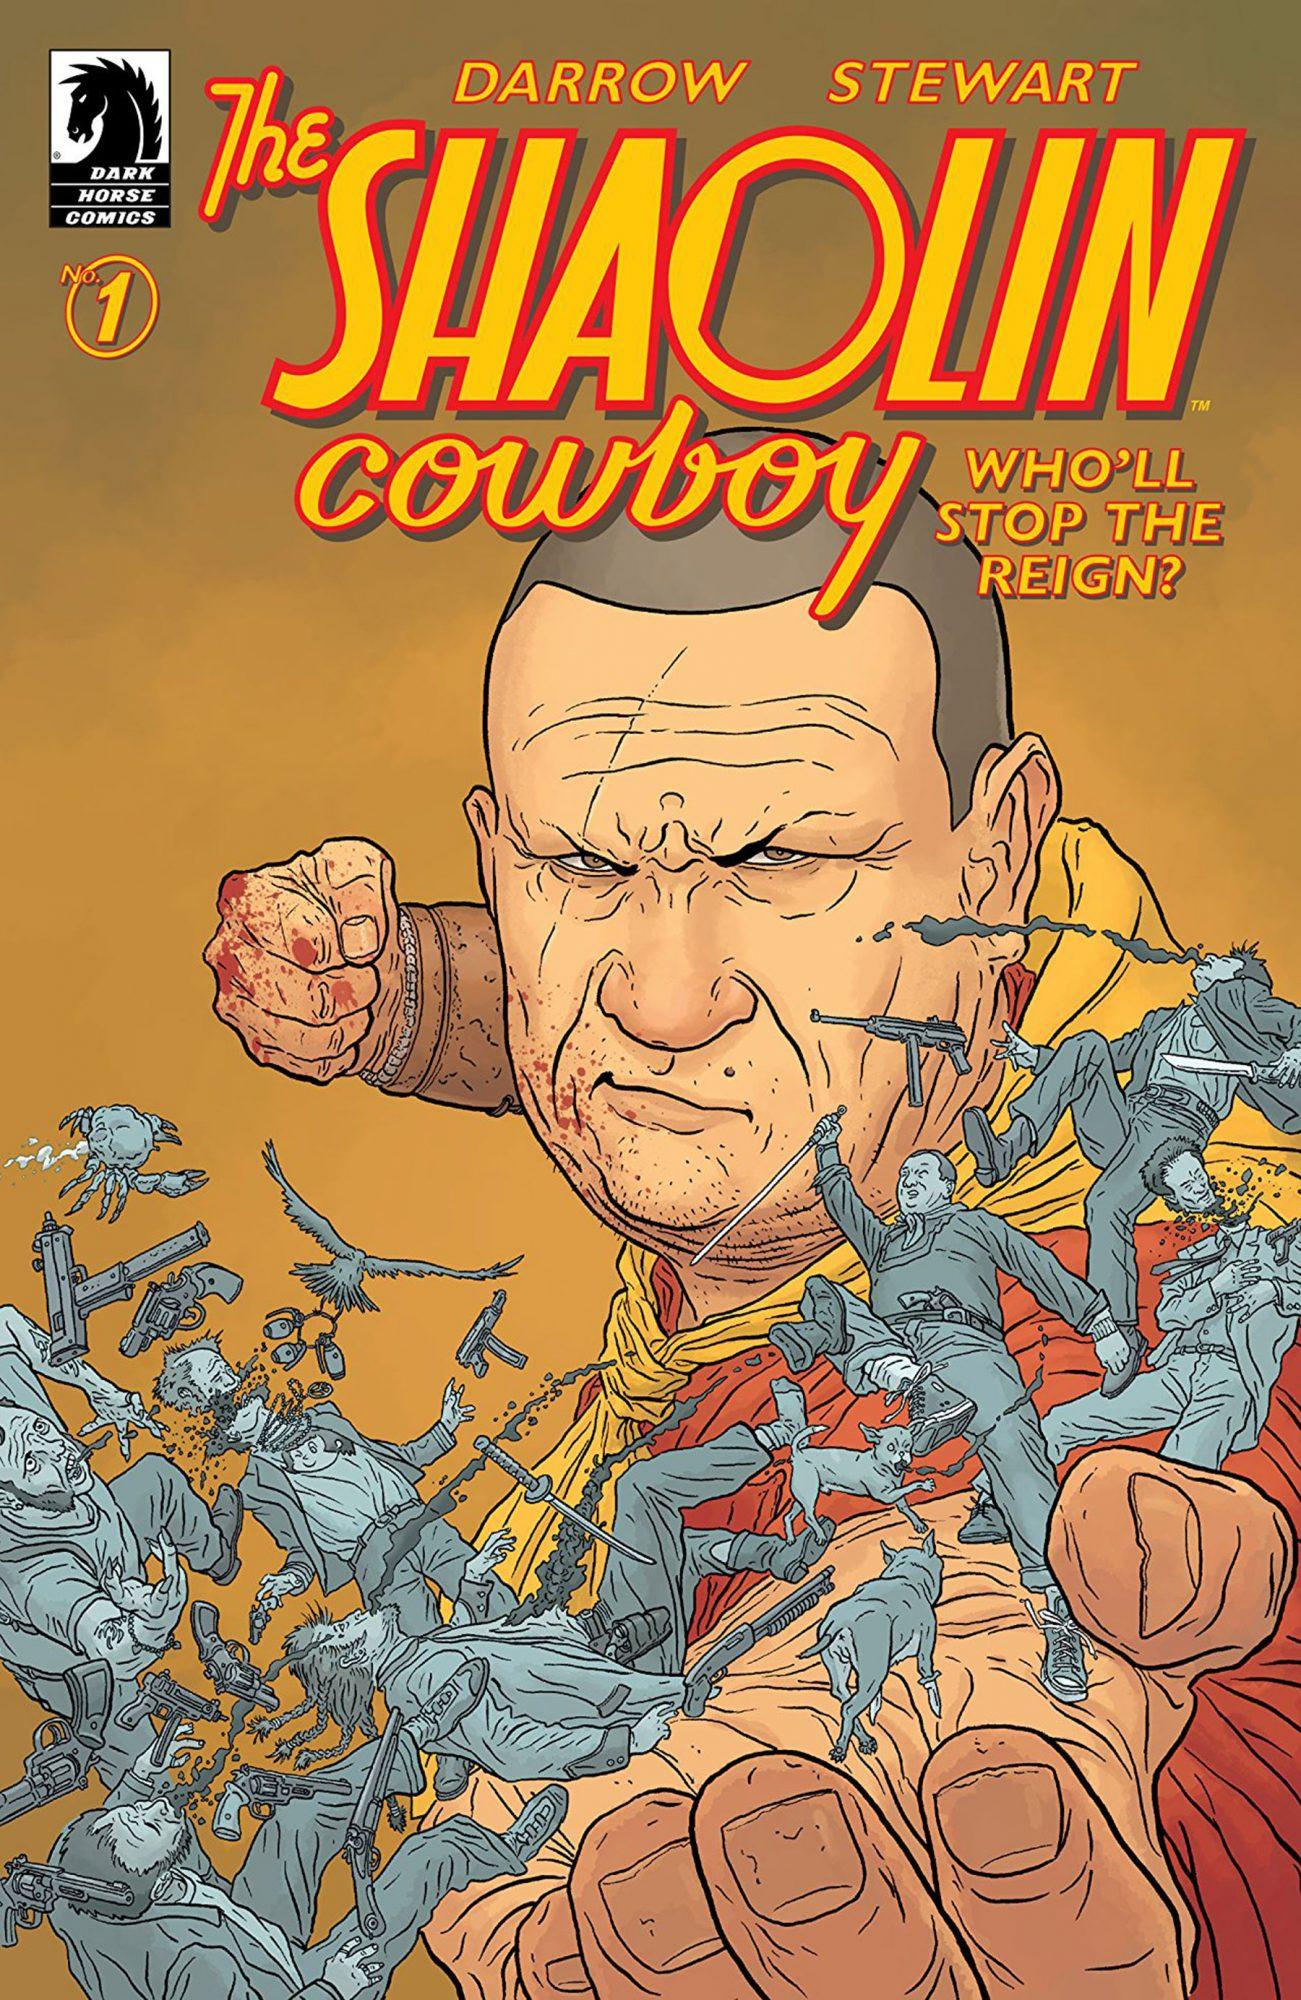 shaolin-cowboy